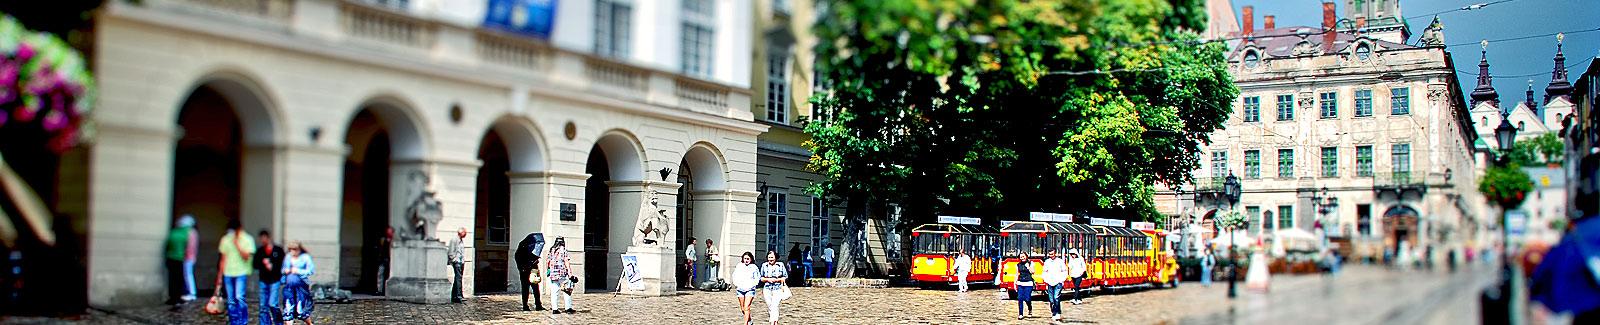 Обличчя сучасного Львова: між культурою для домашнього вжитку і експортним варіантом. Механізми і способи функціонування культурного простору сучасного Львова